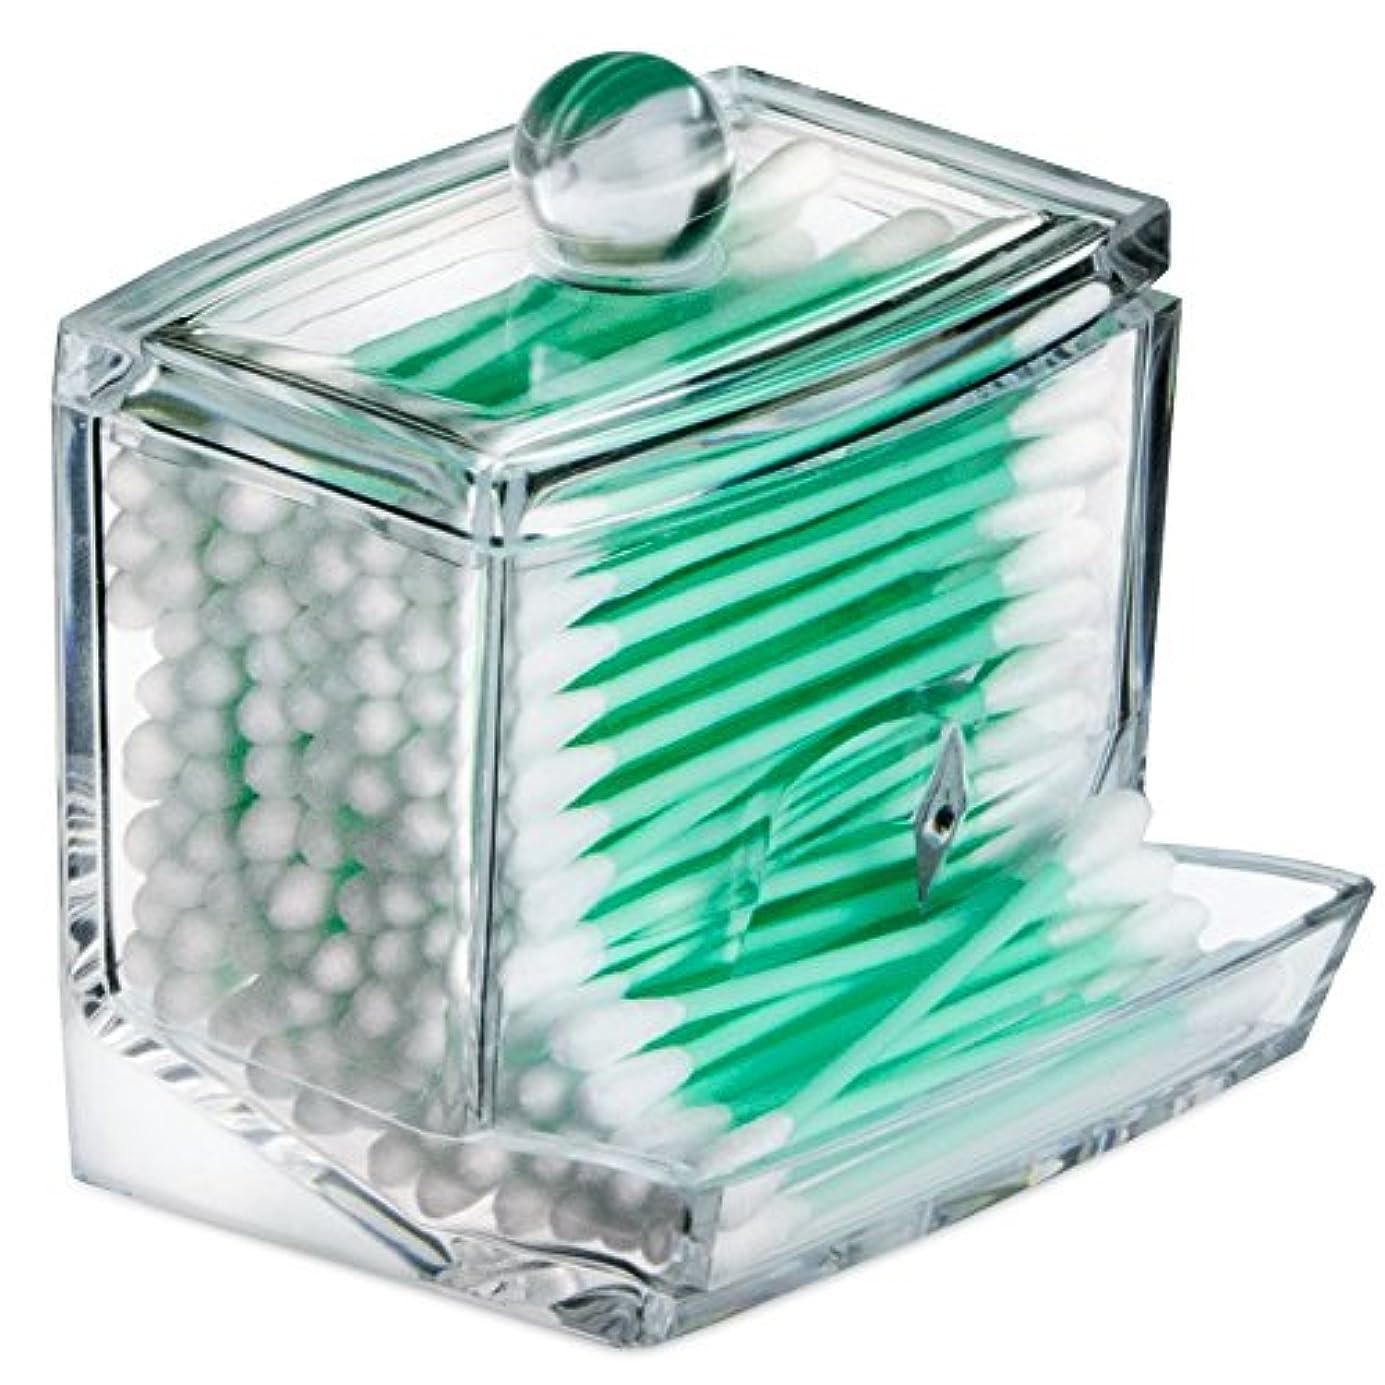 岸政府パワーセルSTARMAX 棉棒ボックス 透明 アクリル製 フタ付き 防塵 清潔 化粧品小物 収納ケース 綿棒入れ 小物入れ 化粧品入れ コスメボックス (9cm*7cm*7.5cm)